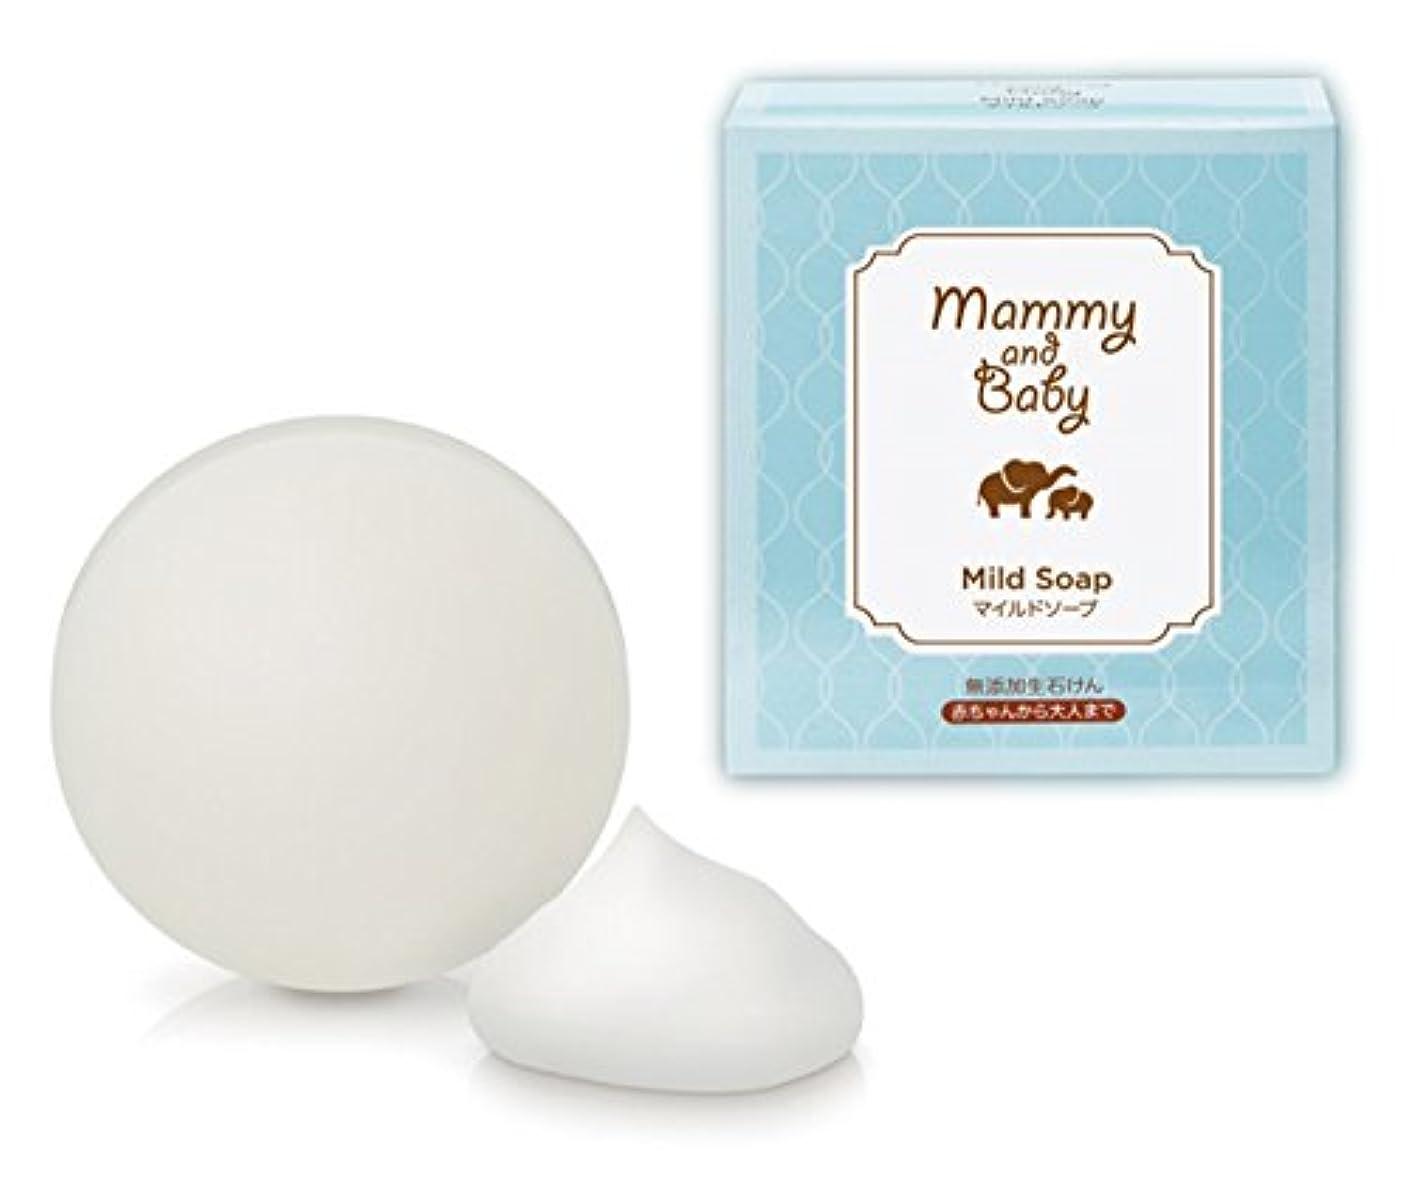 掃く歩道柱Mammy & Baby マイルドソープ 無添加生石鹸 2個組